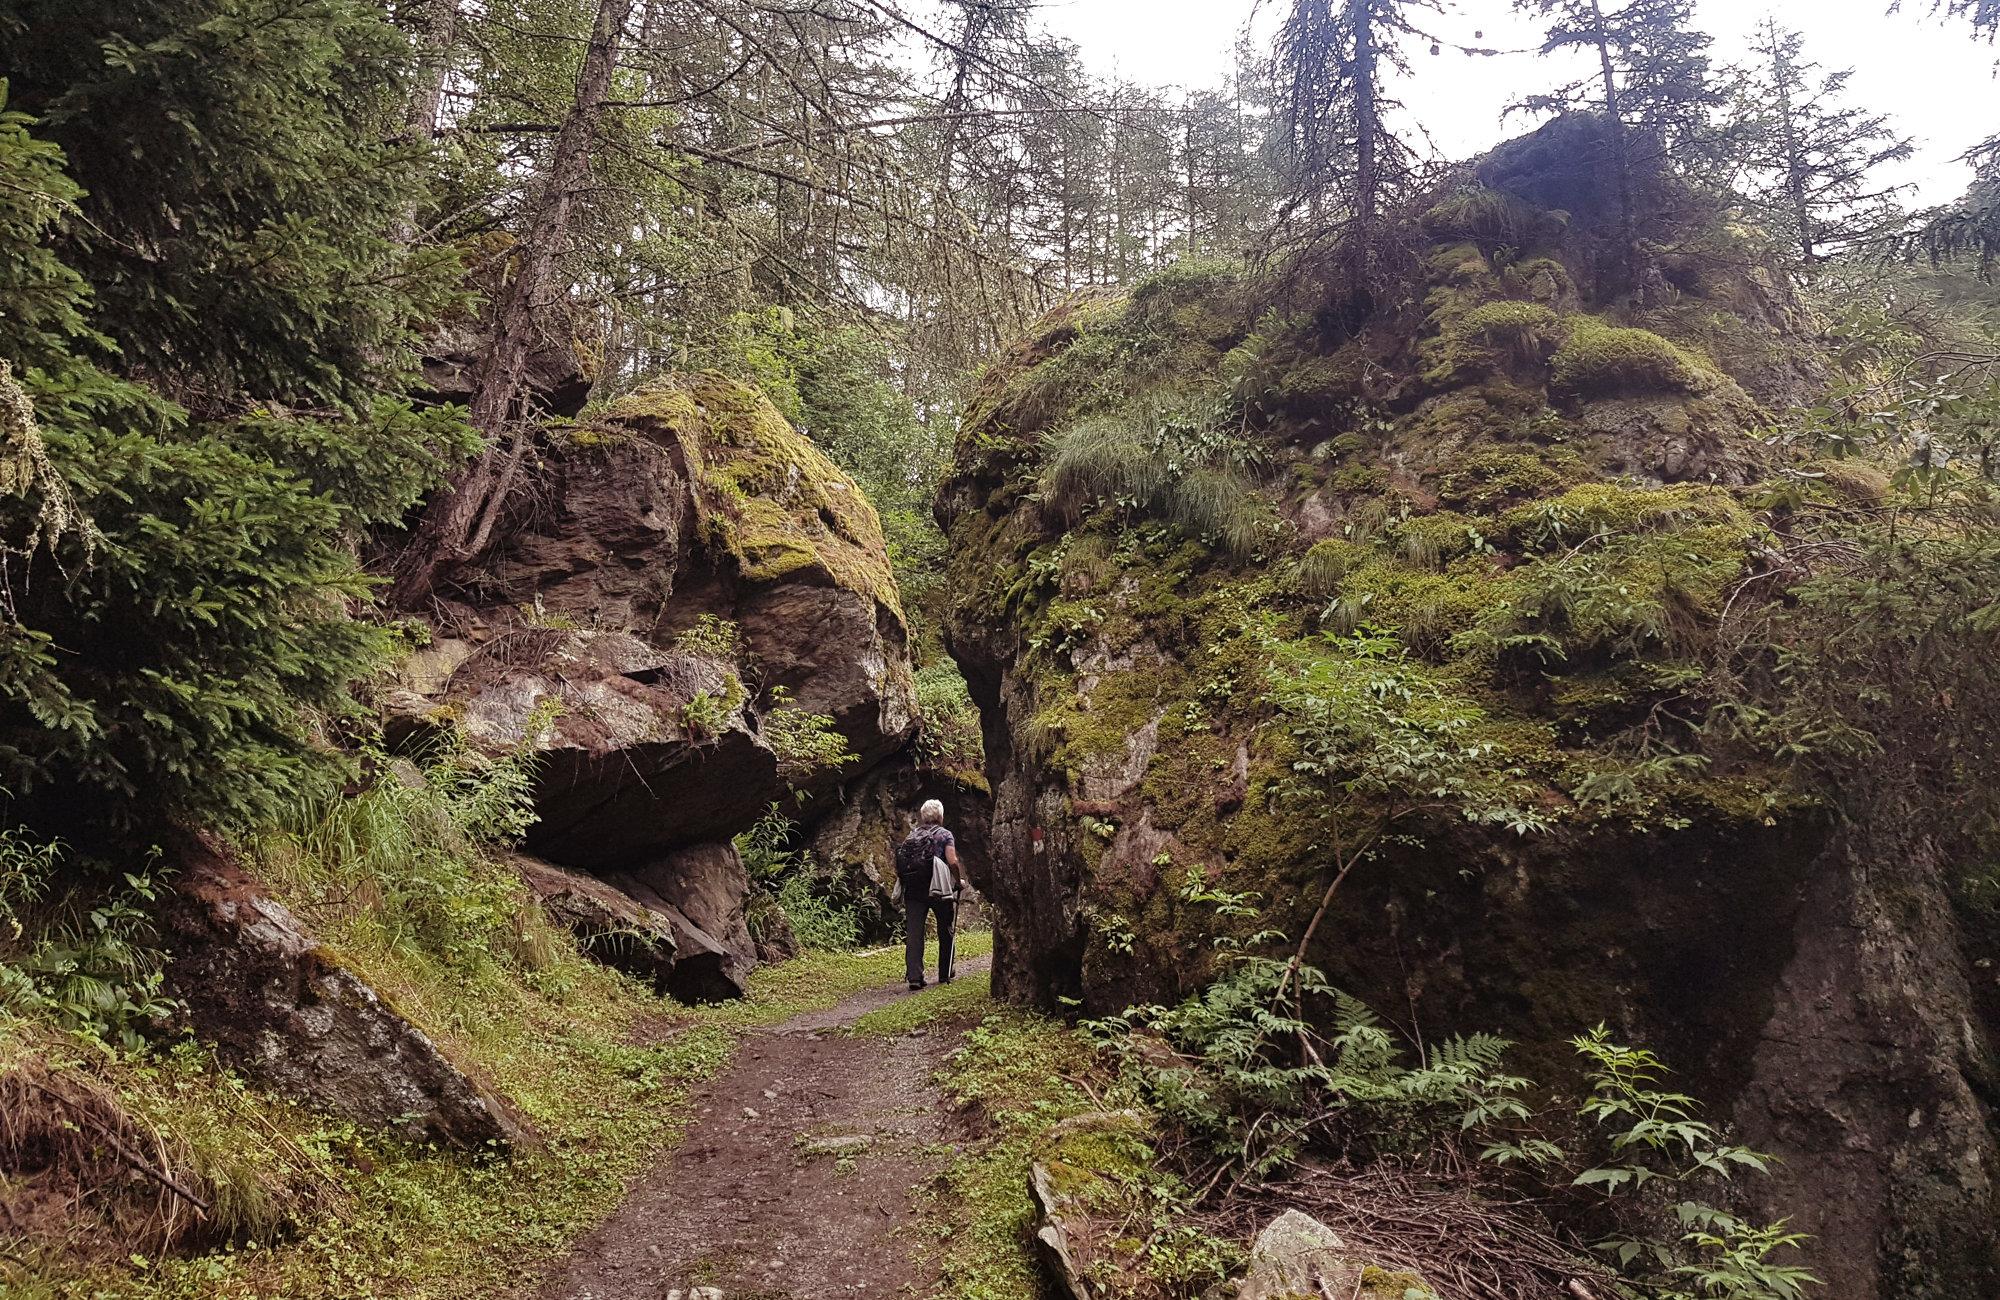 Wandern auf dem Ötztaler Urweg, Wandern im Frühling, Wanderideen Frühling, Wanderungen Frühling, Weitwanderweg Frühling